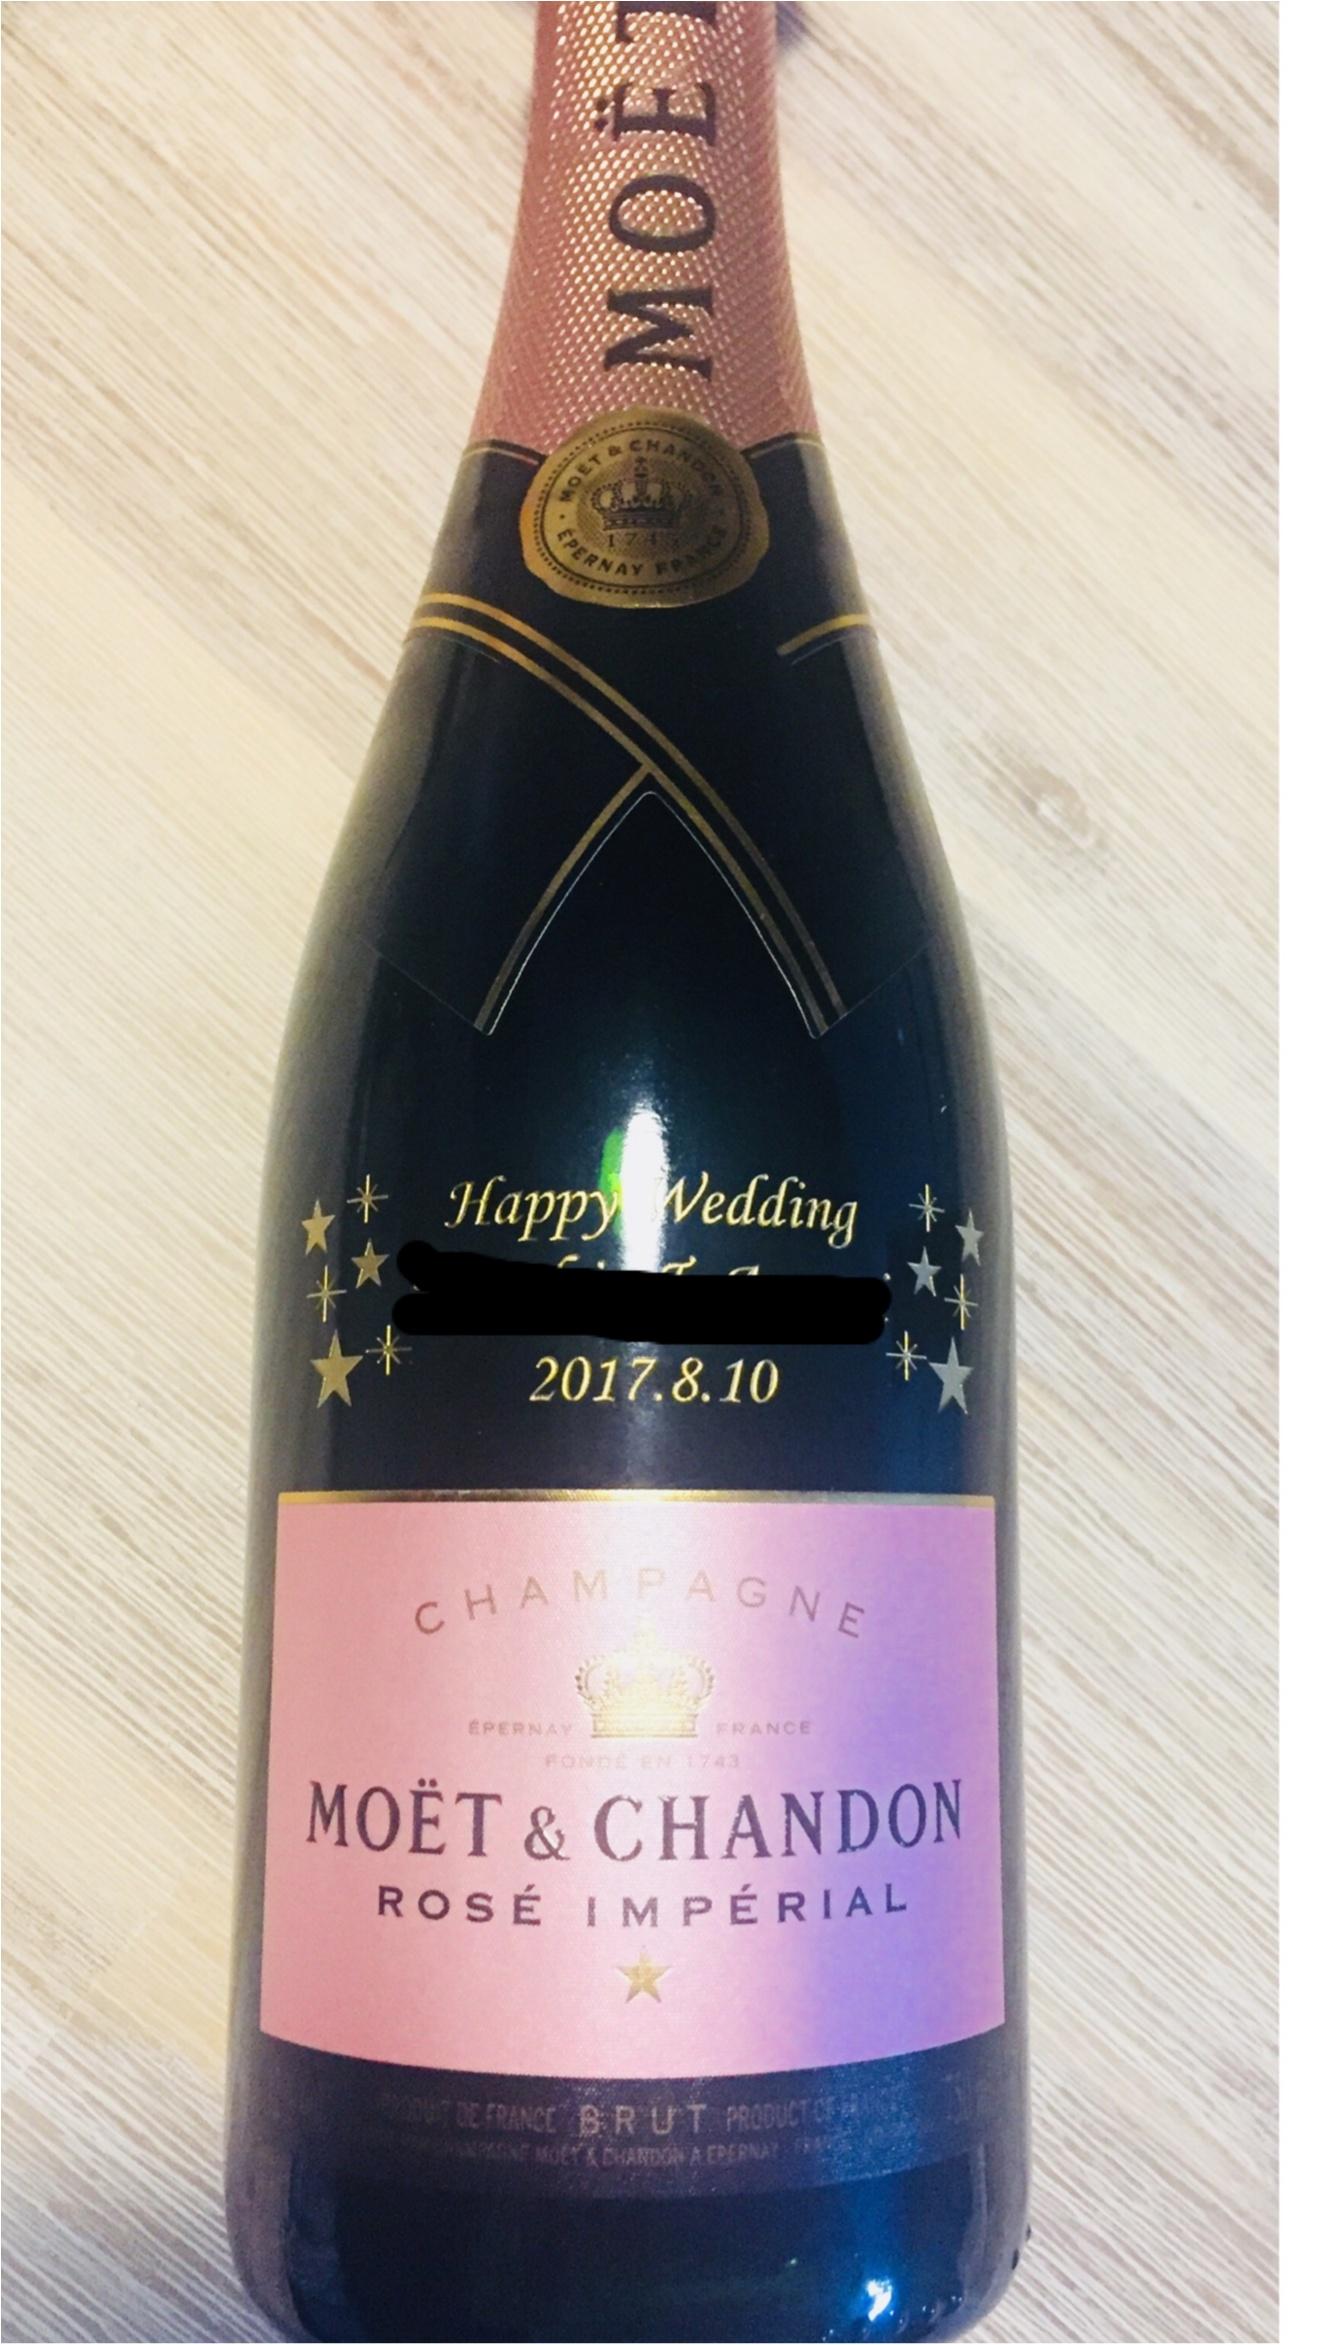 結婚祝い特集 - 友達に喜ばれるおしゃれなプレゼントは? 5000円以内のアイテムも_5